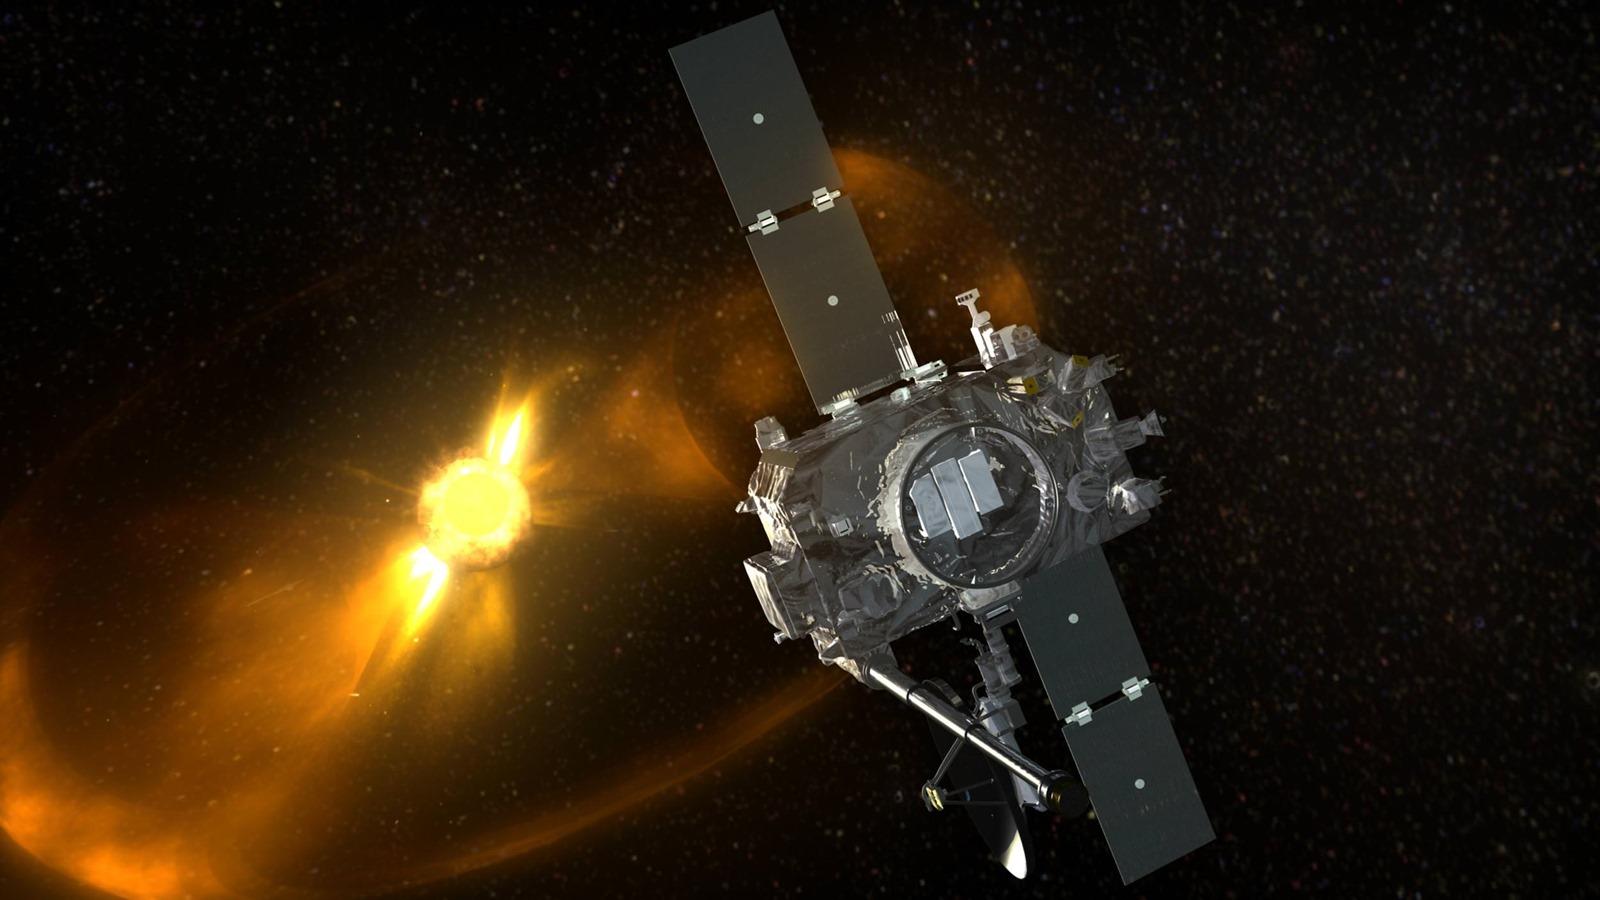 Deux ans après, la NASA renoue le contact avec l'une de ses sondes portées disparues derrière le Soleil